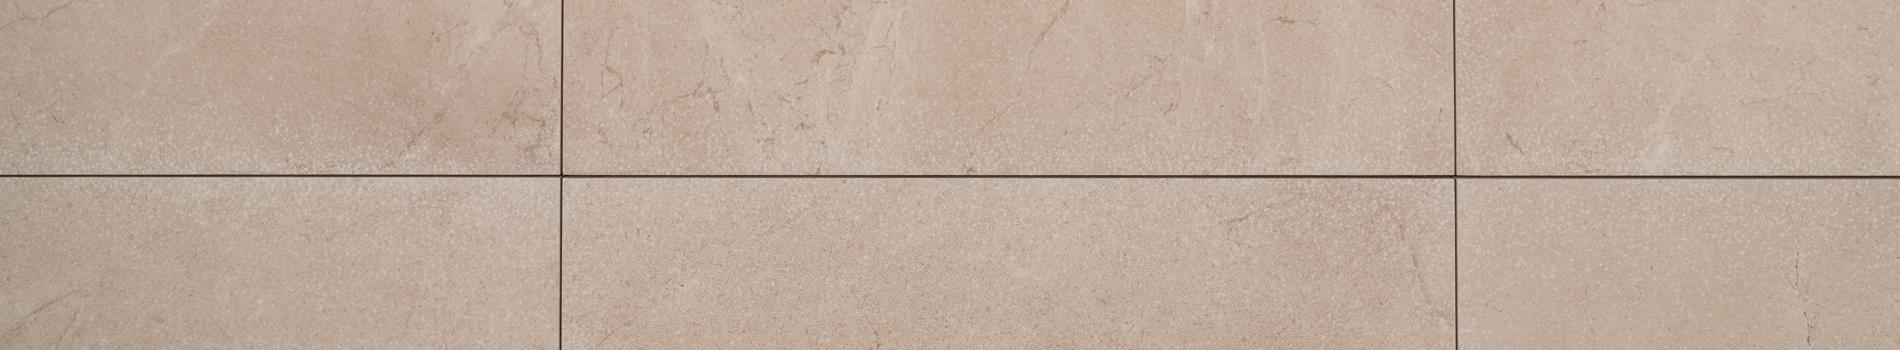 20mm Tumbled Edge Desert Design Variation